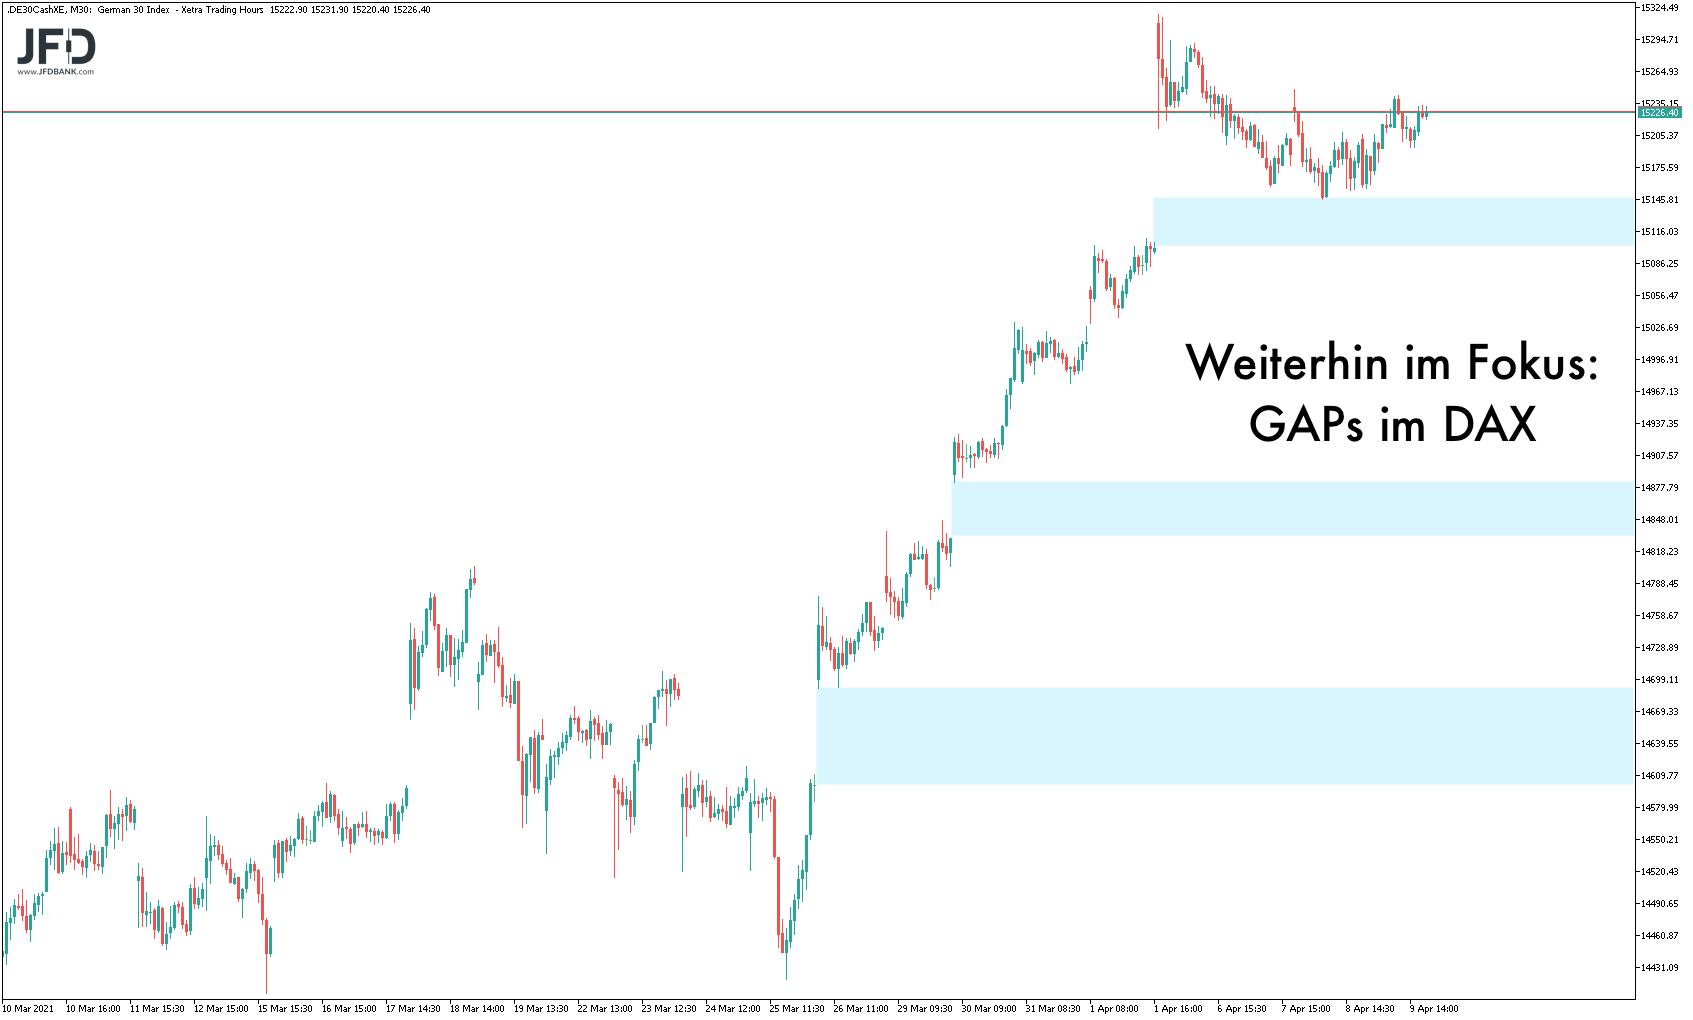 Handelsstart-der-neuen-Woche-in-alter-Range-Kommentar-JFD-Bank-GodmodeTrader.de-2